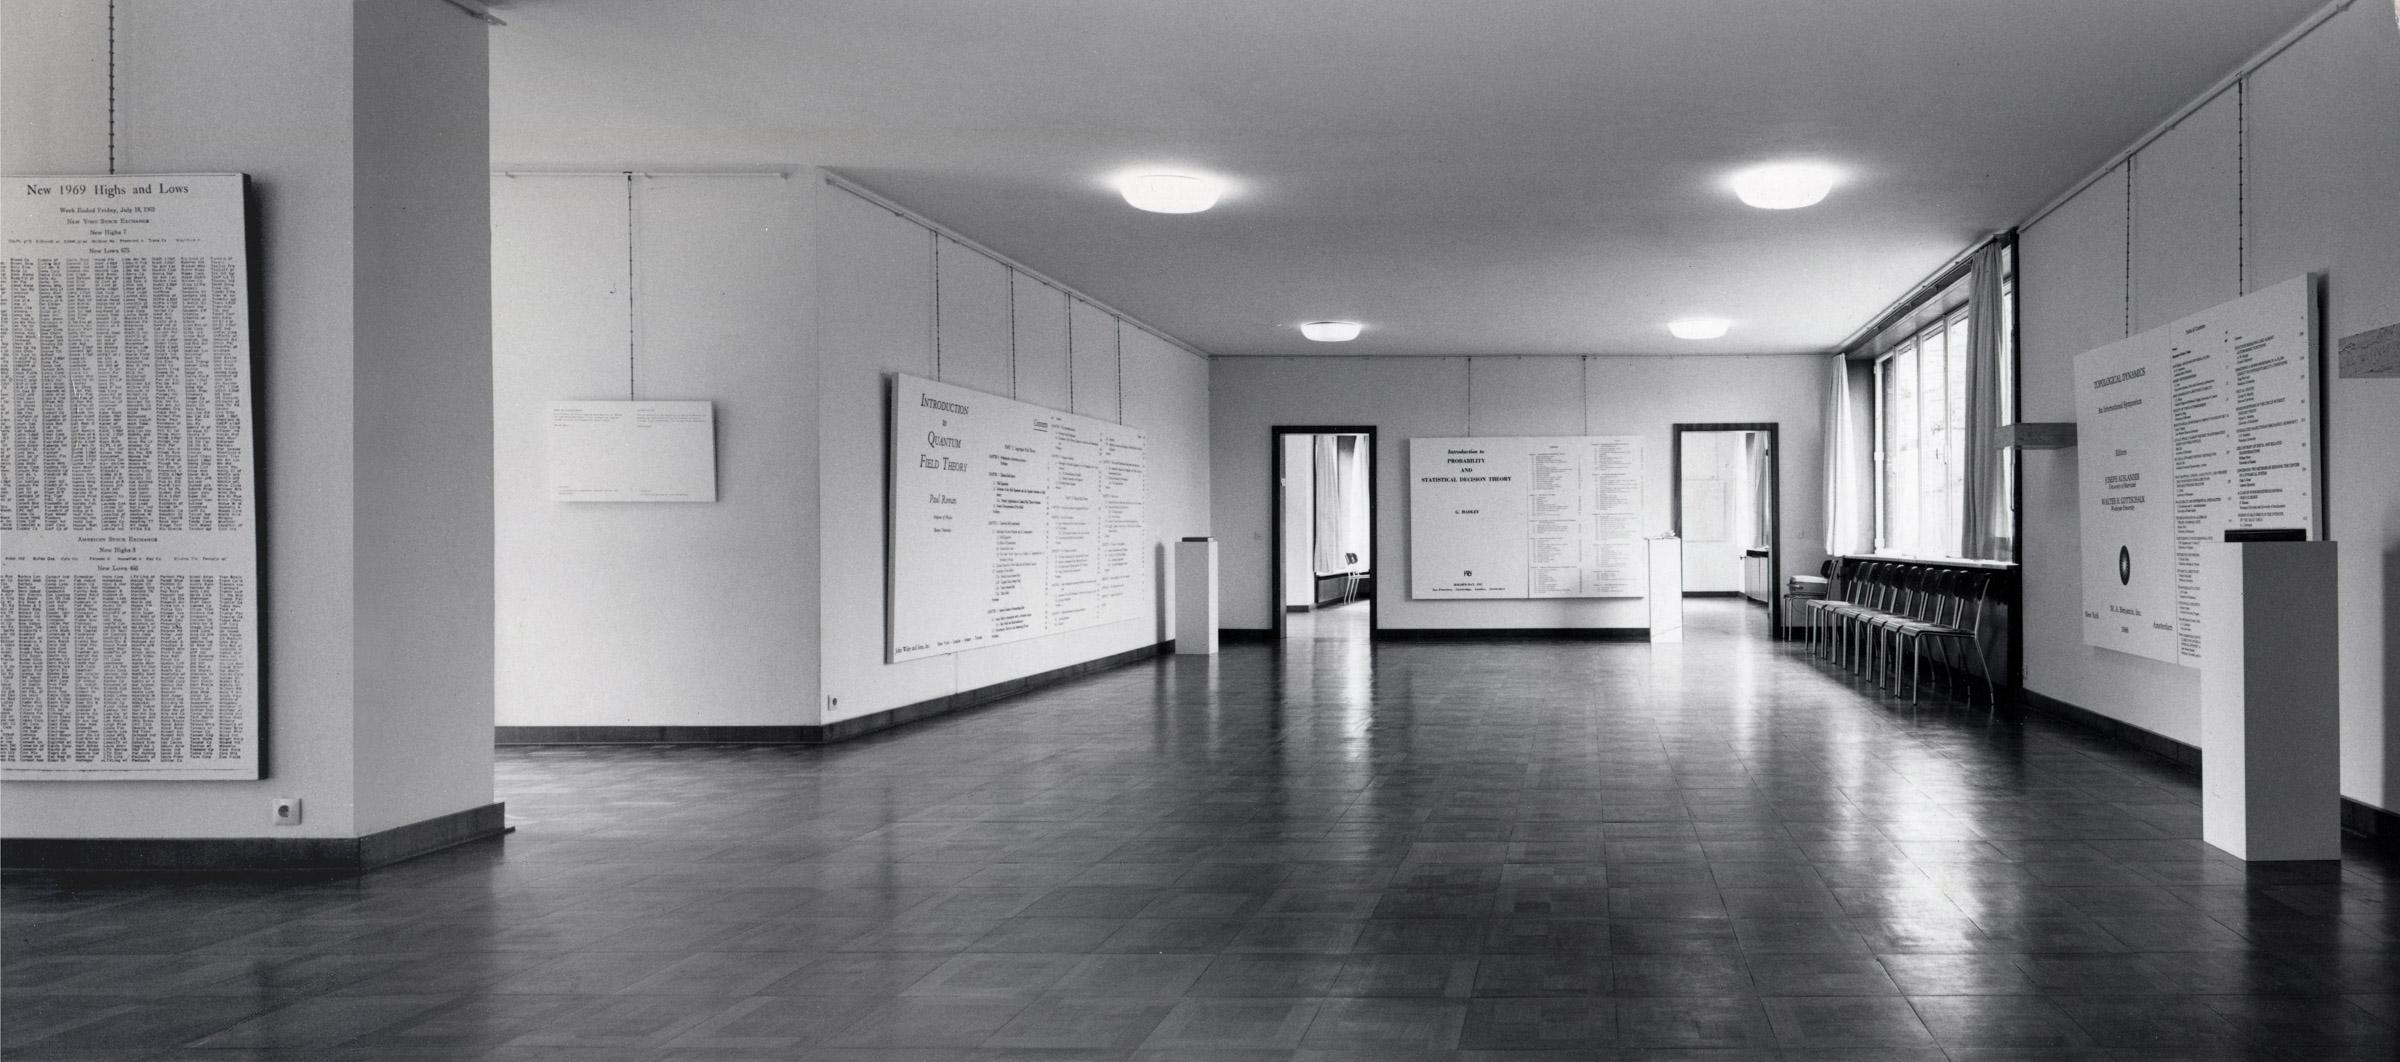 krefeld_install_1970_c_fix